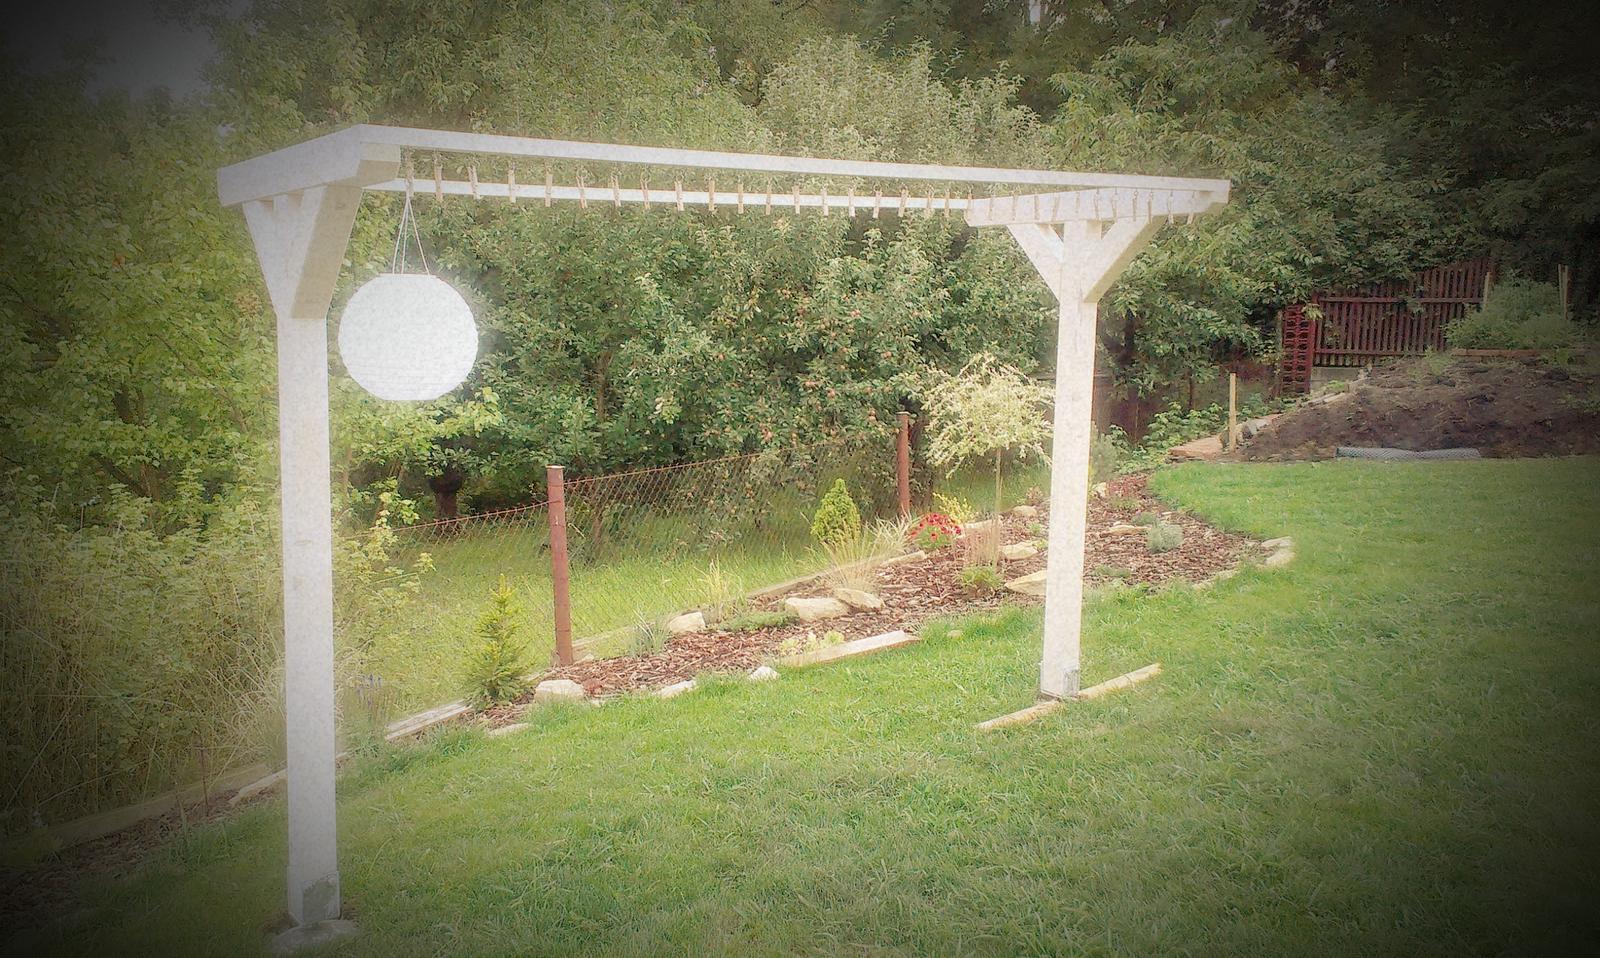 Záhrada - tadáááá, stojí, ešte snúra a možem začať testovať